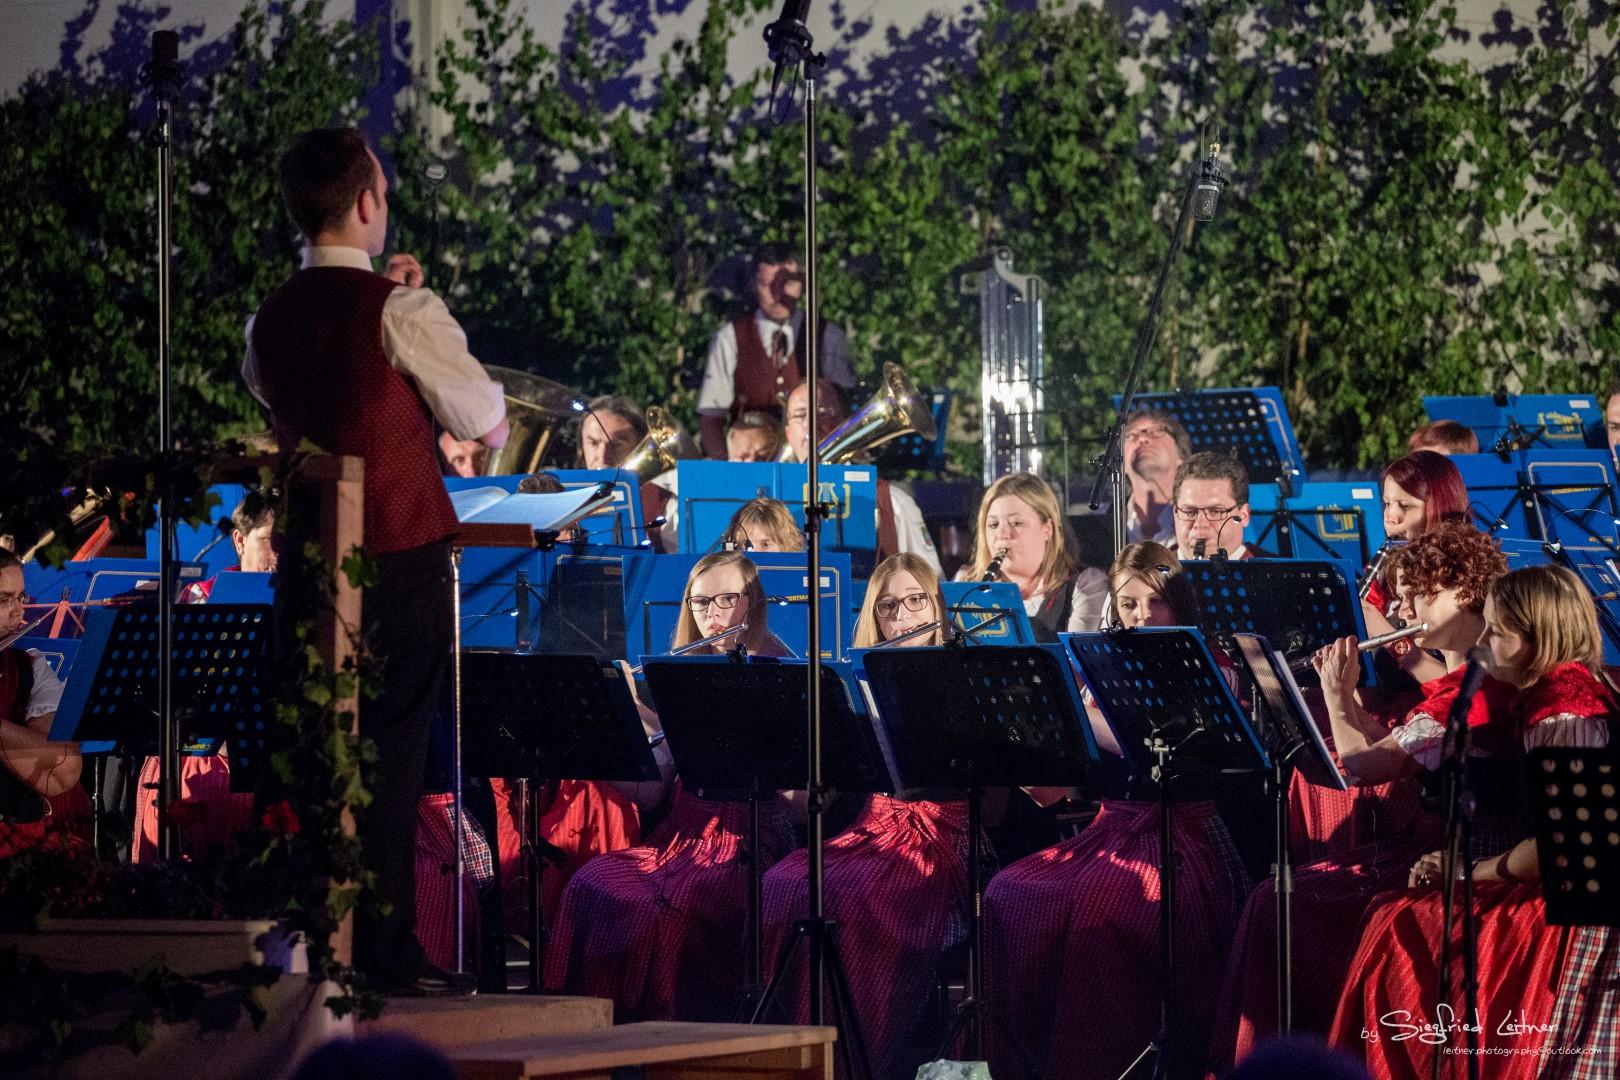 Nacht Der Filmmusik2016 (14)